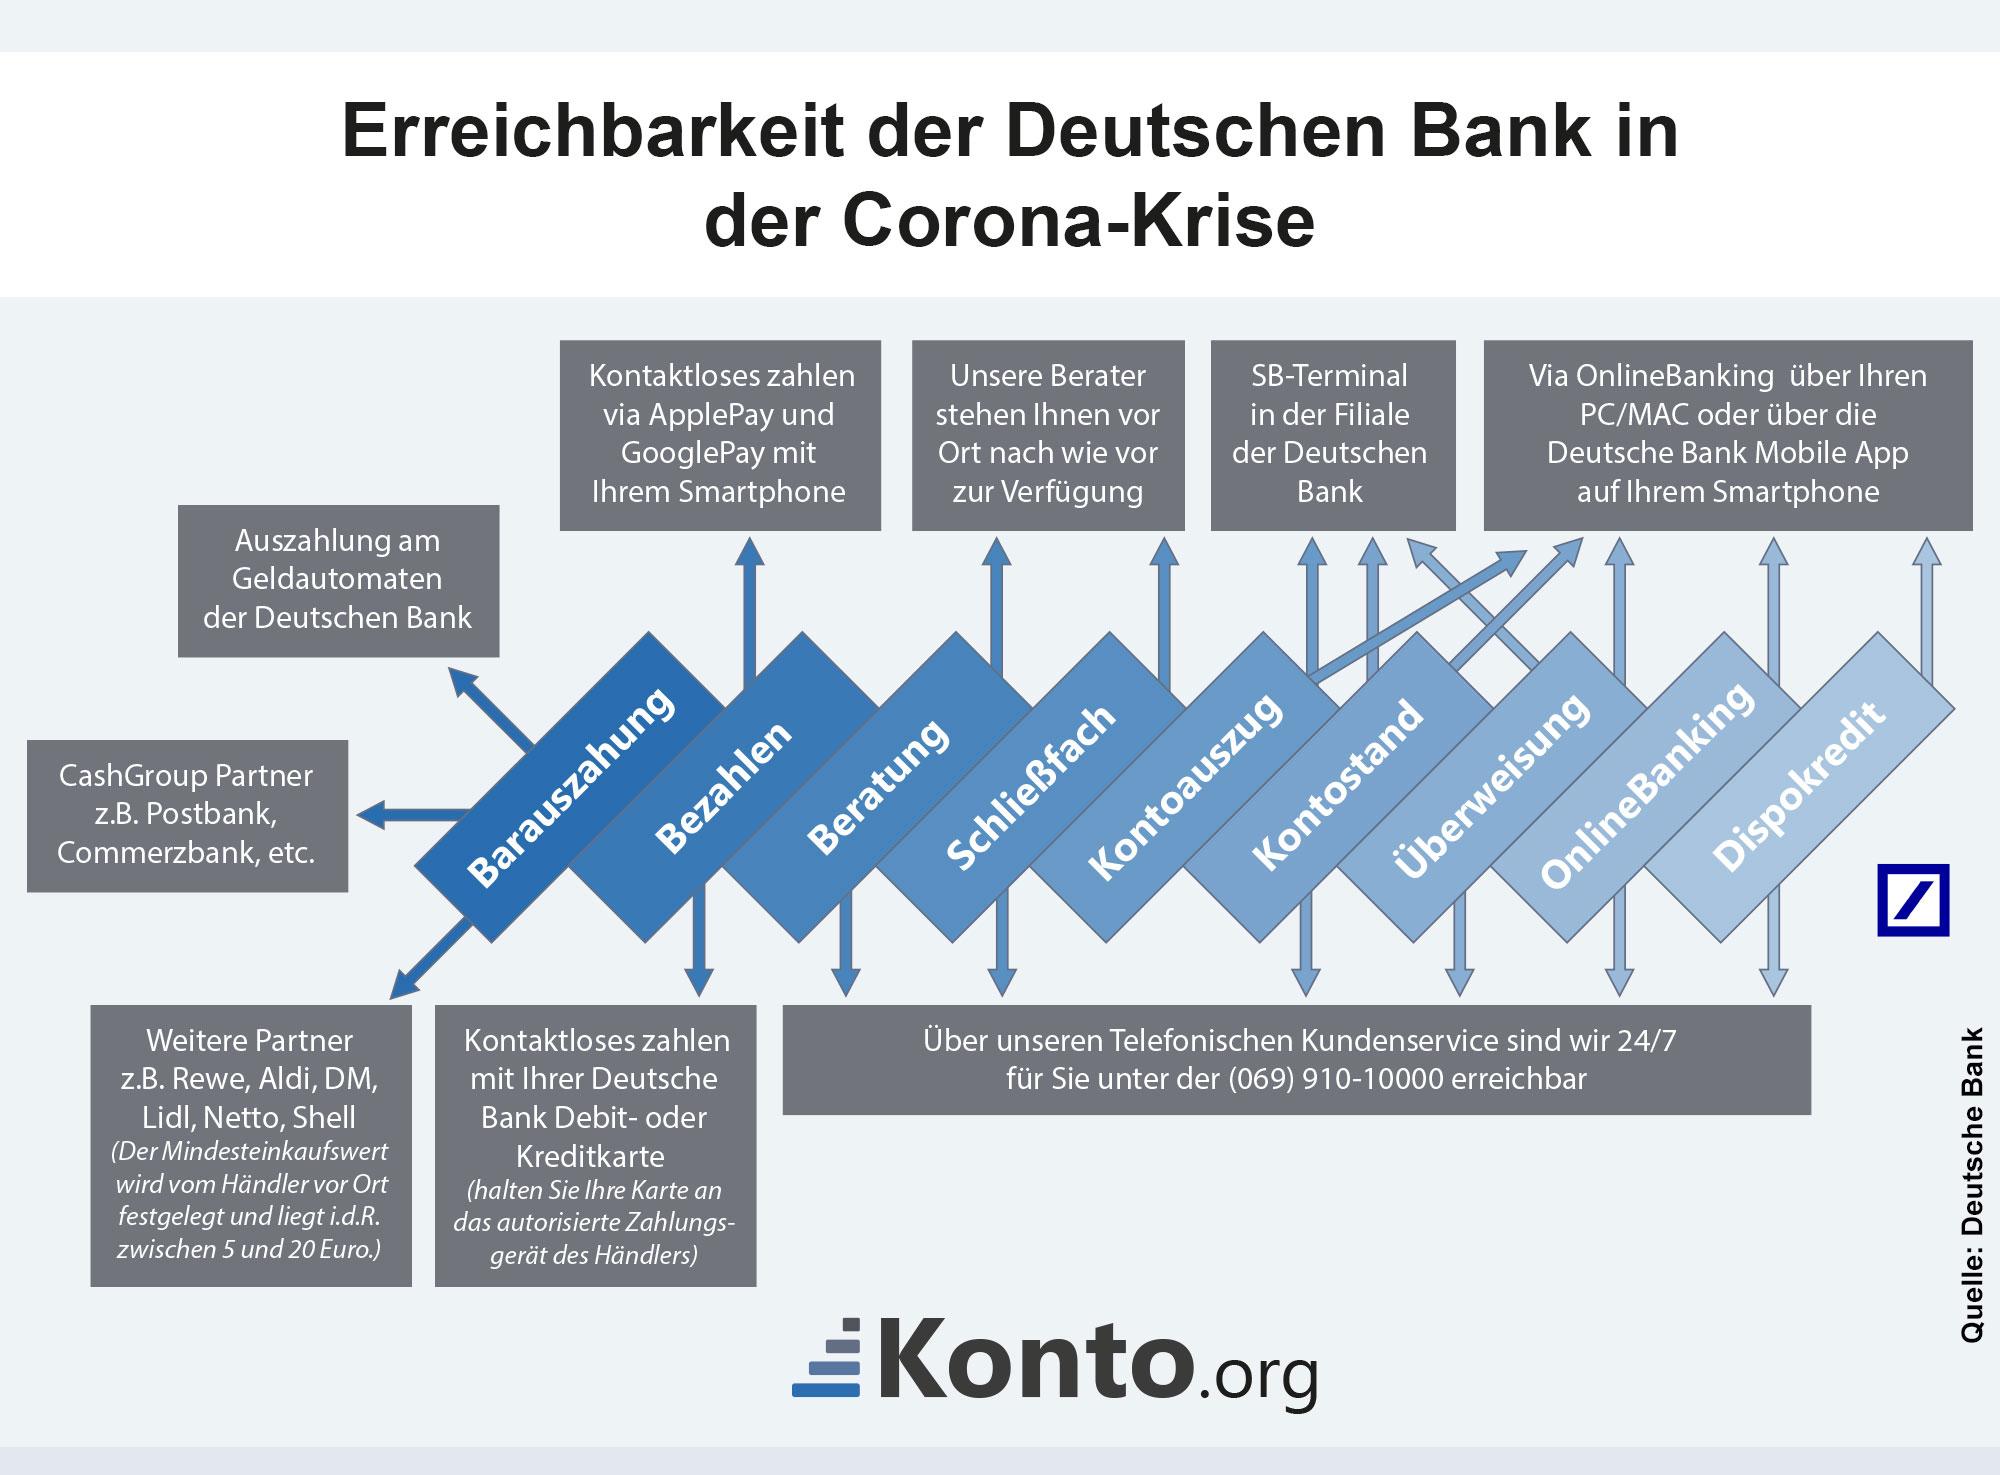 Erreichbarkeit der Deutschen Bank in der Corona-Krise